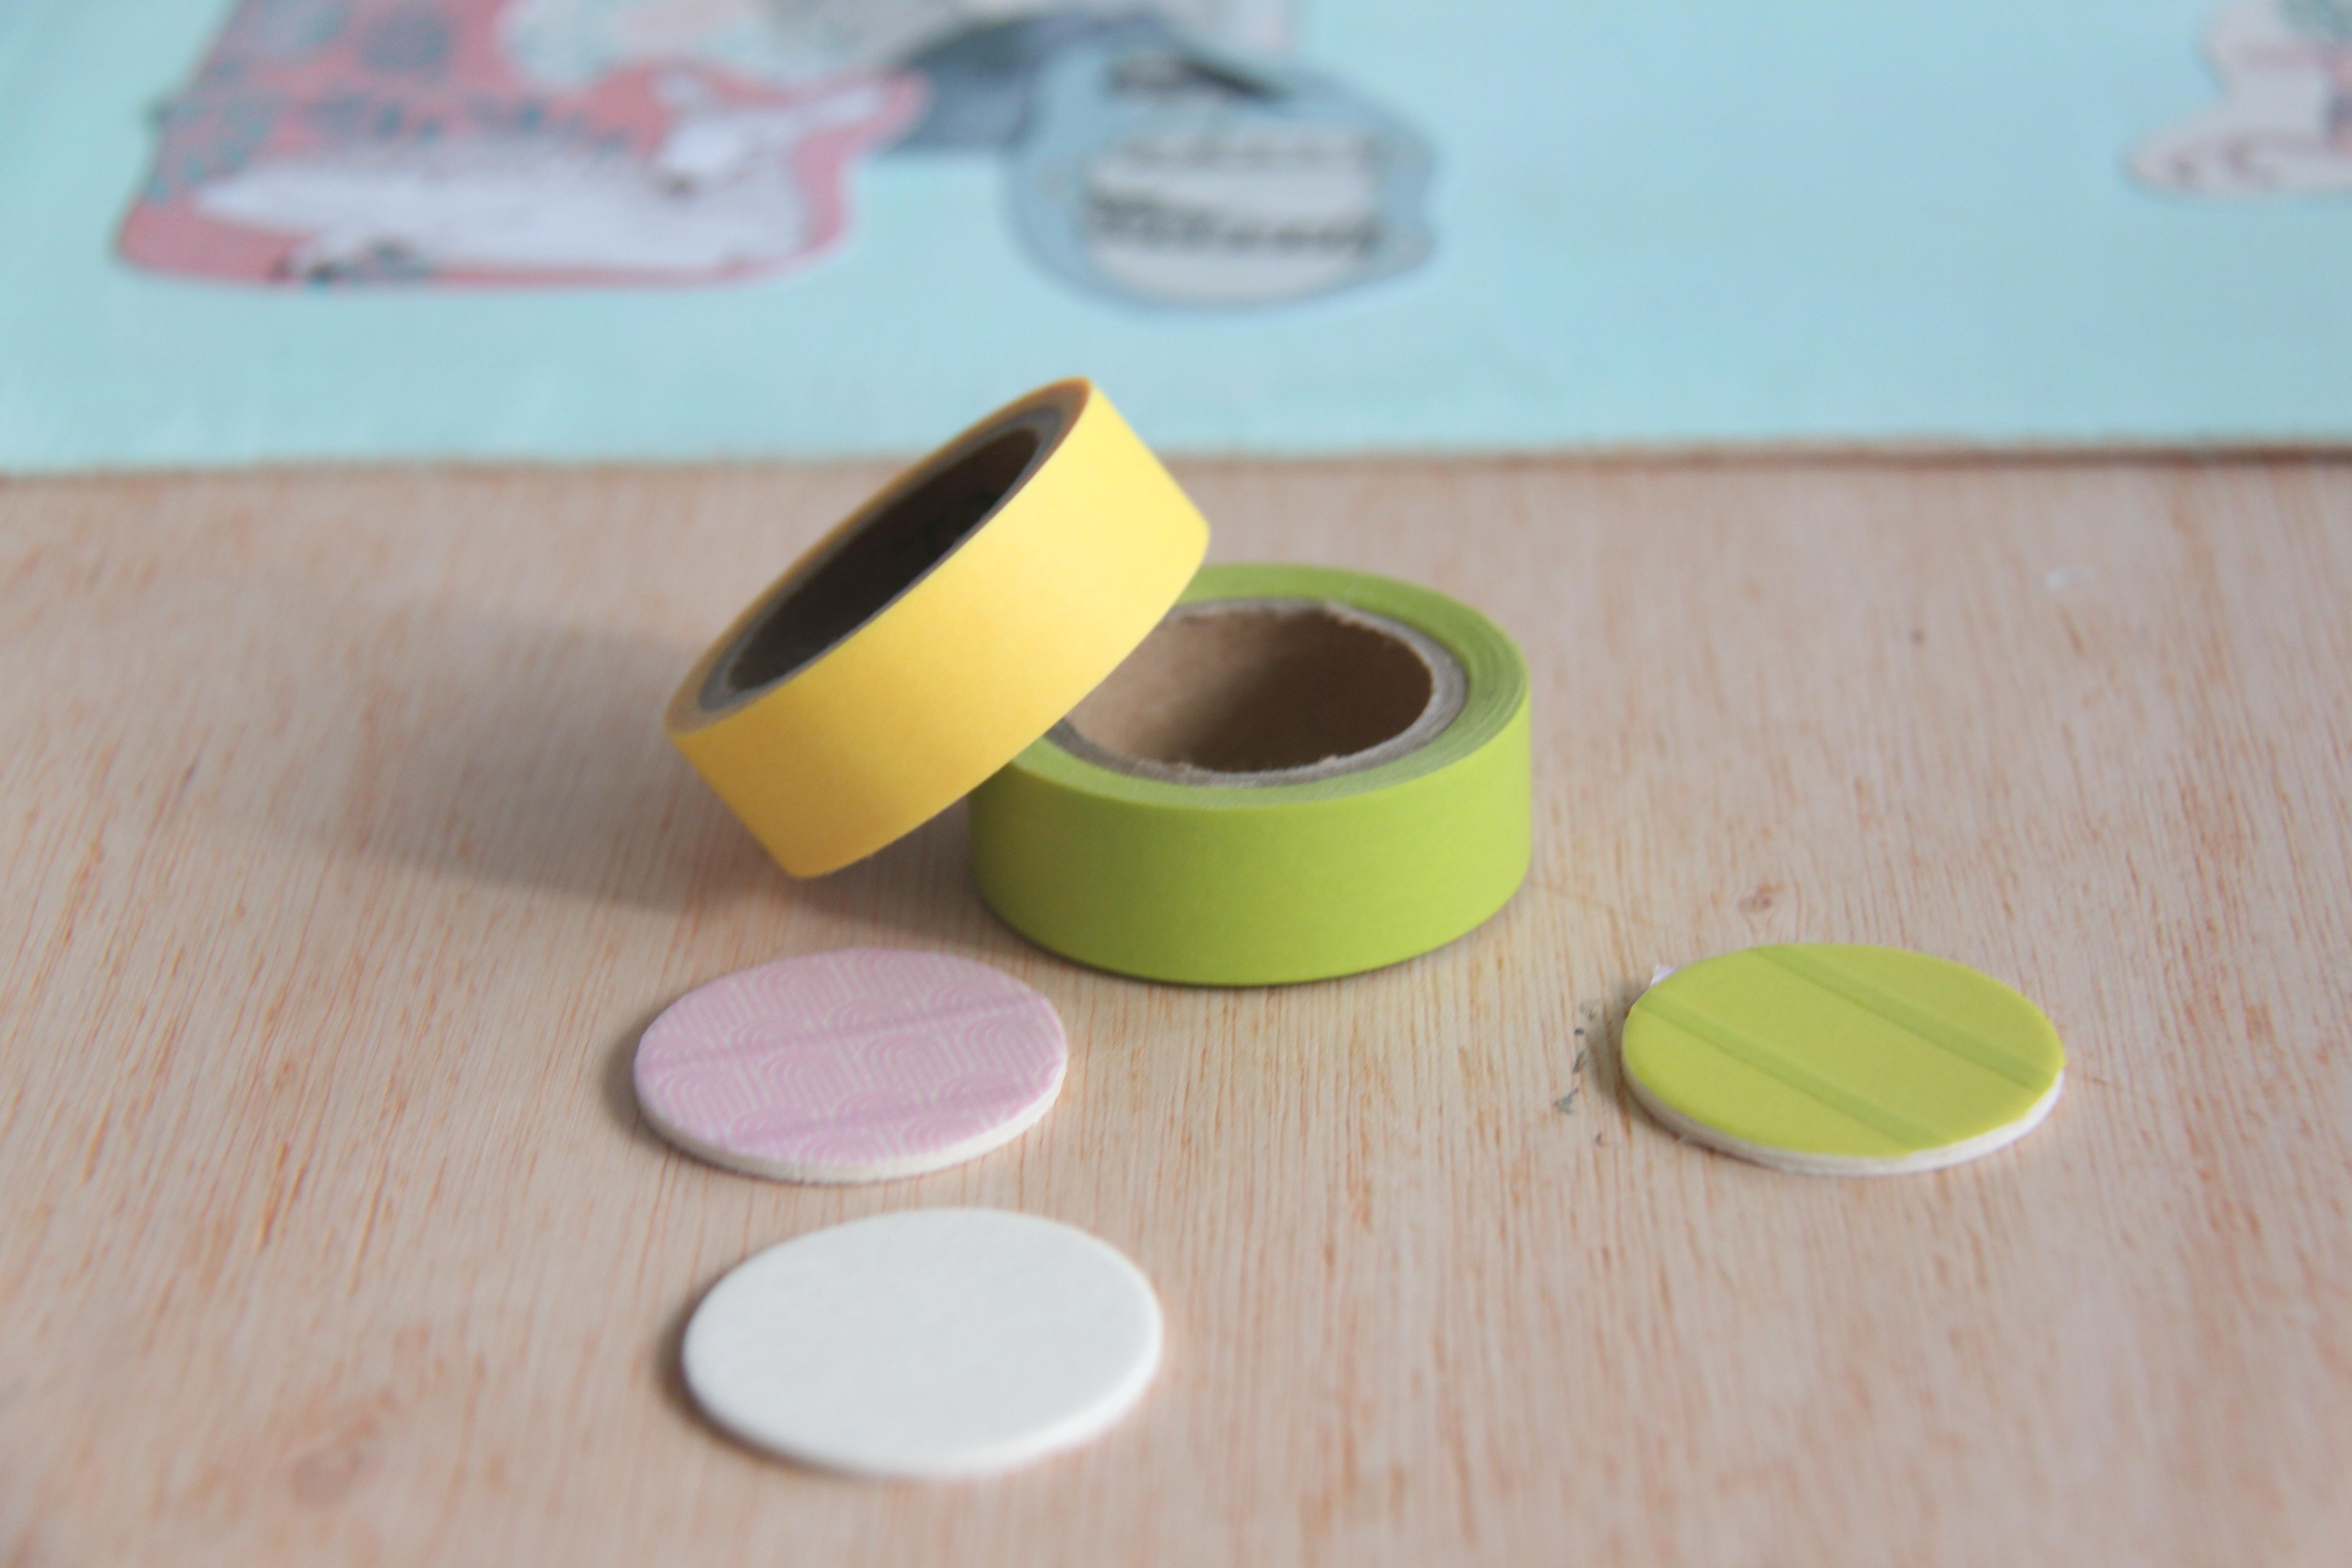 Forrar los círculos de madera con washi tape